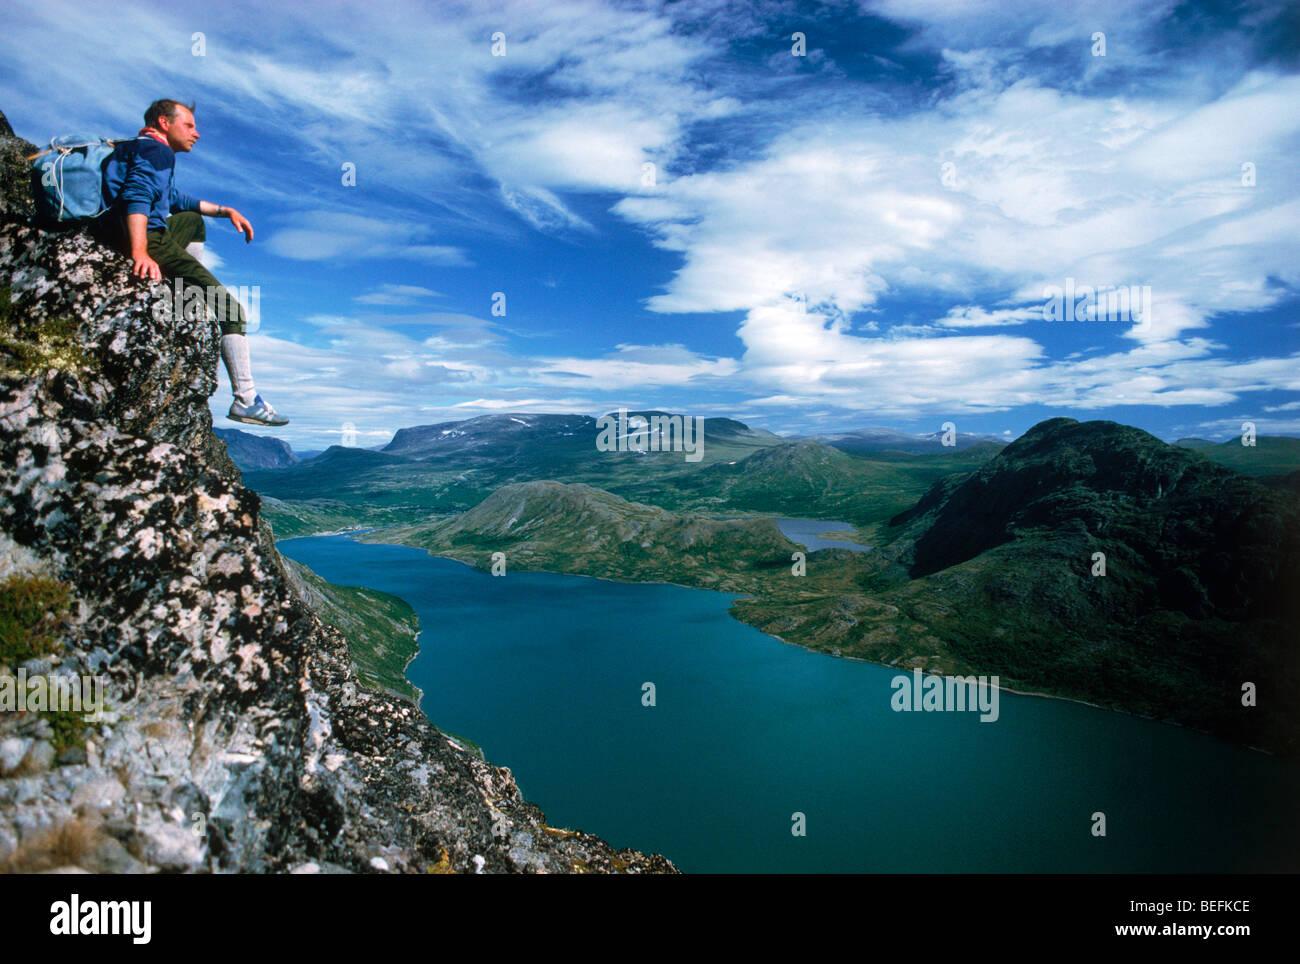 Escursionista seduta al di sopra di Gjende (o) Gjendin Lago in Jotunheimen montagne in Norvegia il parco nazionale Foto Stock